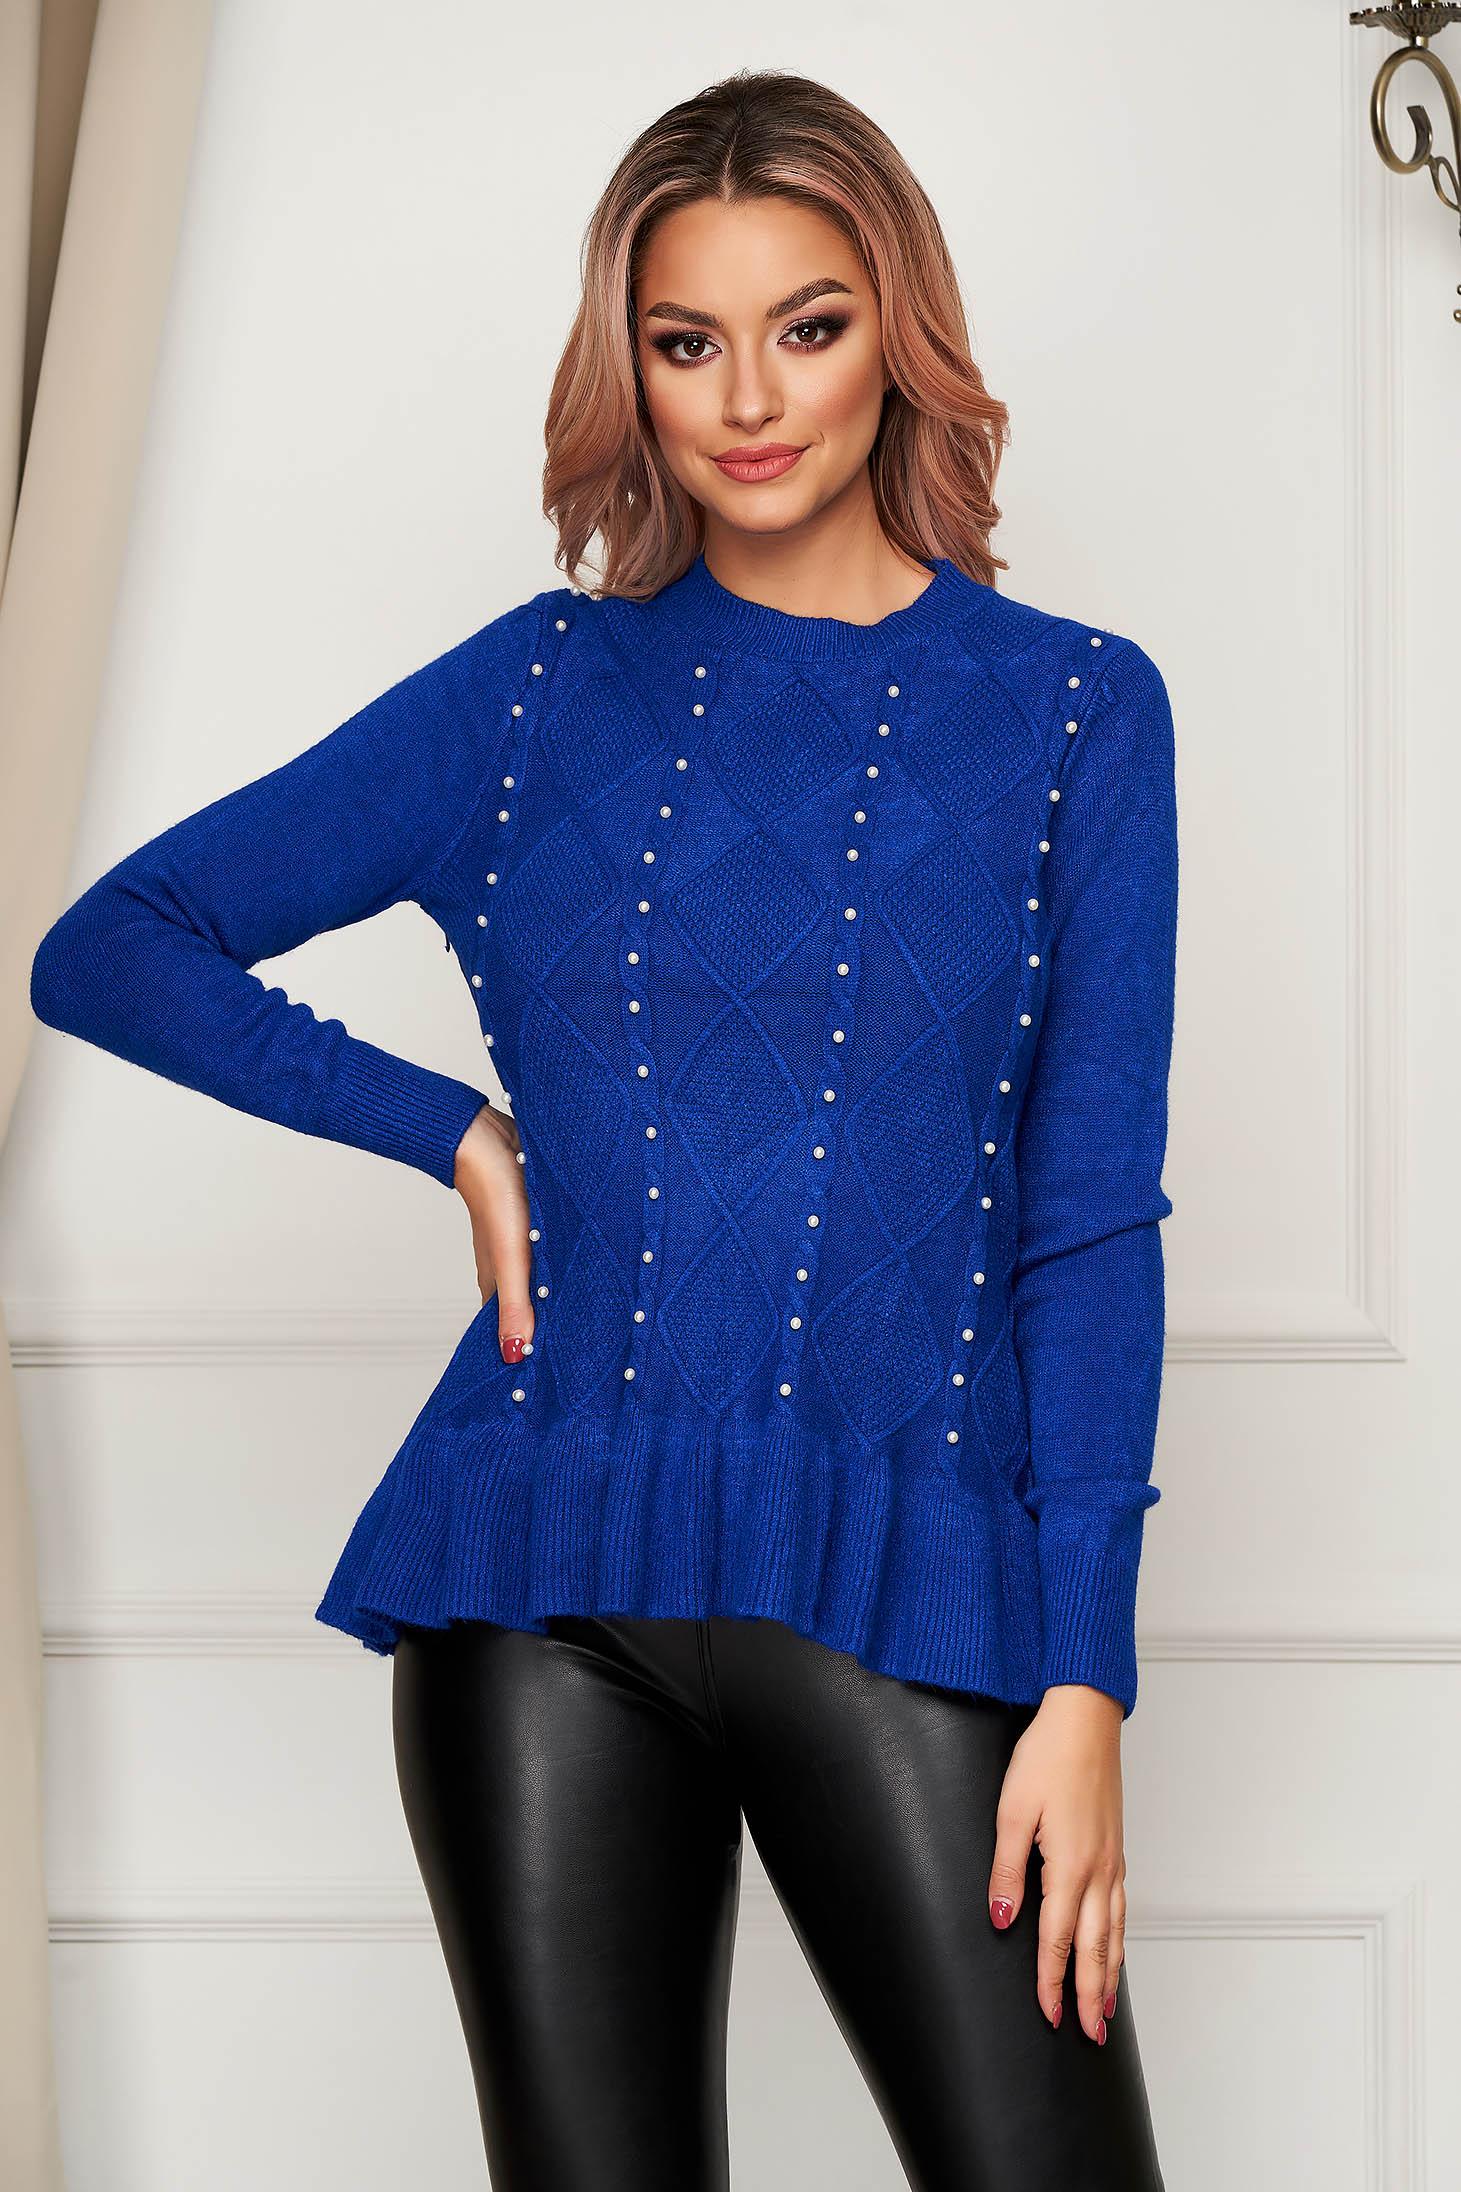 Pulover SunShine albastru casual tricotat cu croi larg cu aplicatii din perle si volanase